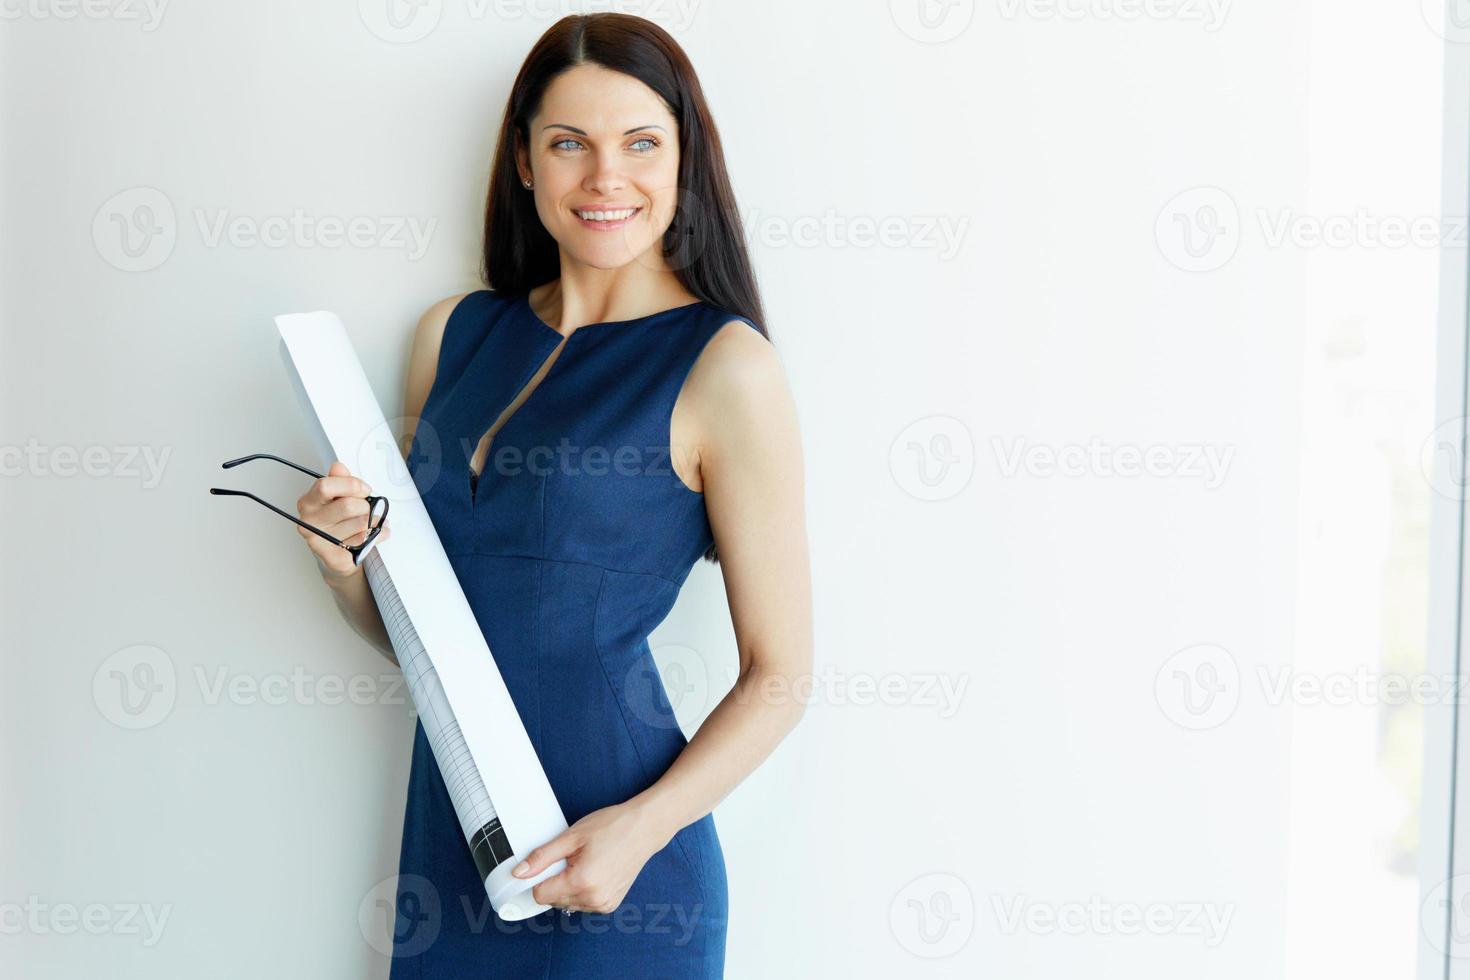 junge Architektin standind in einem Büro. Geschäftsleute foto